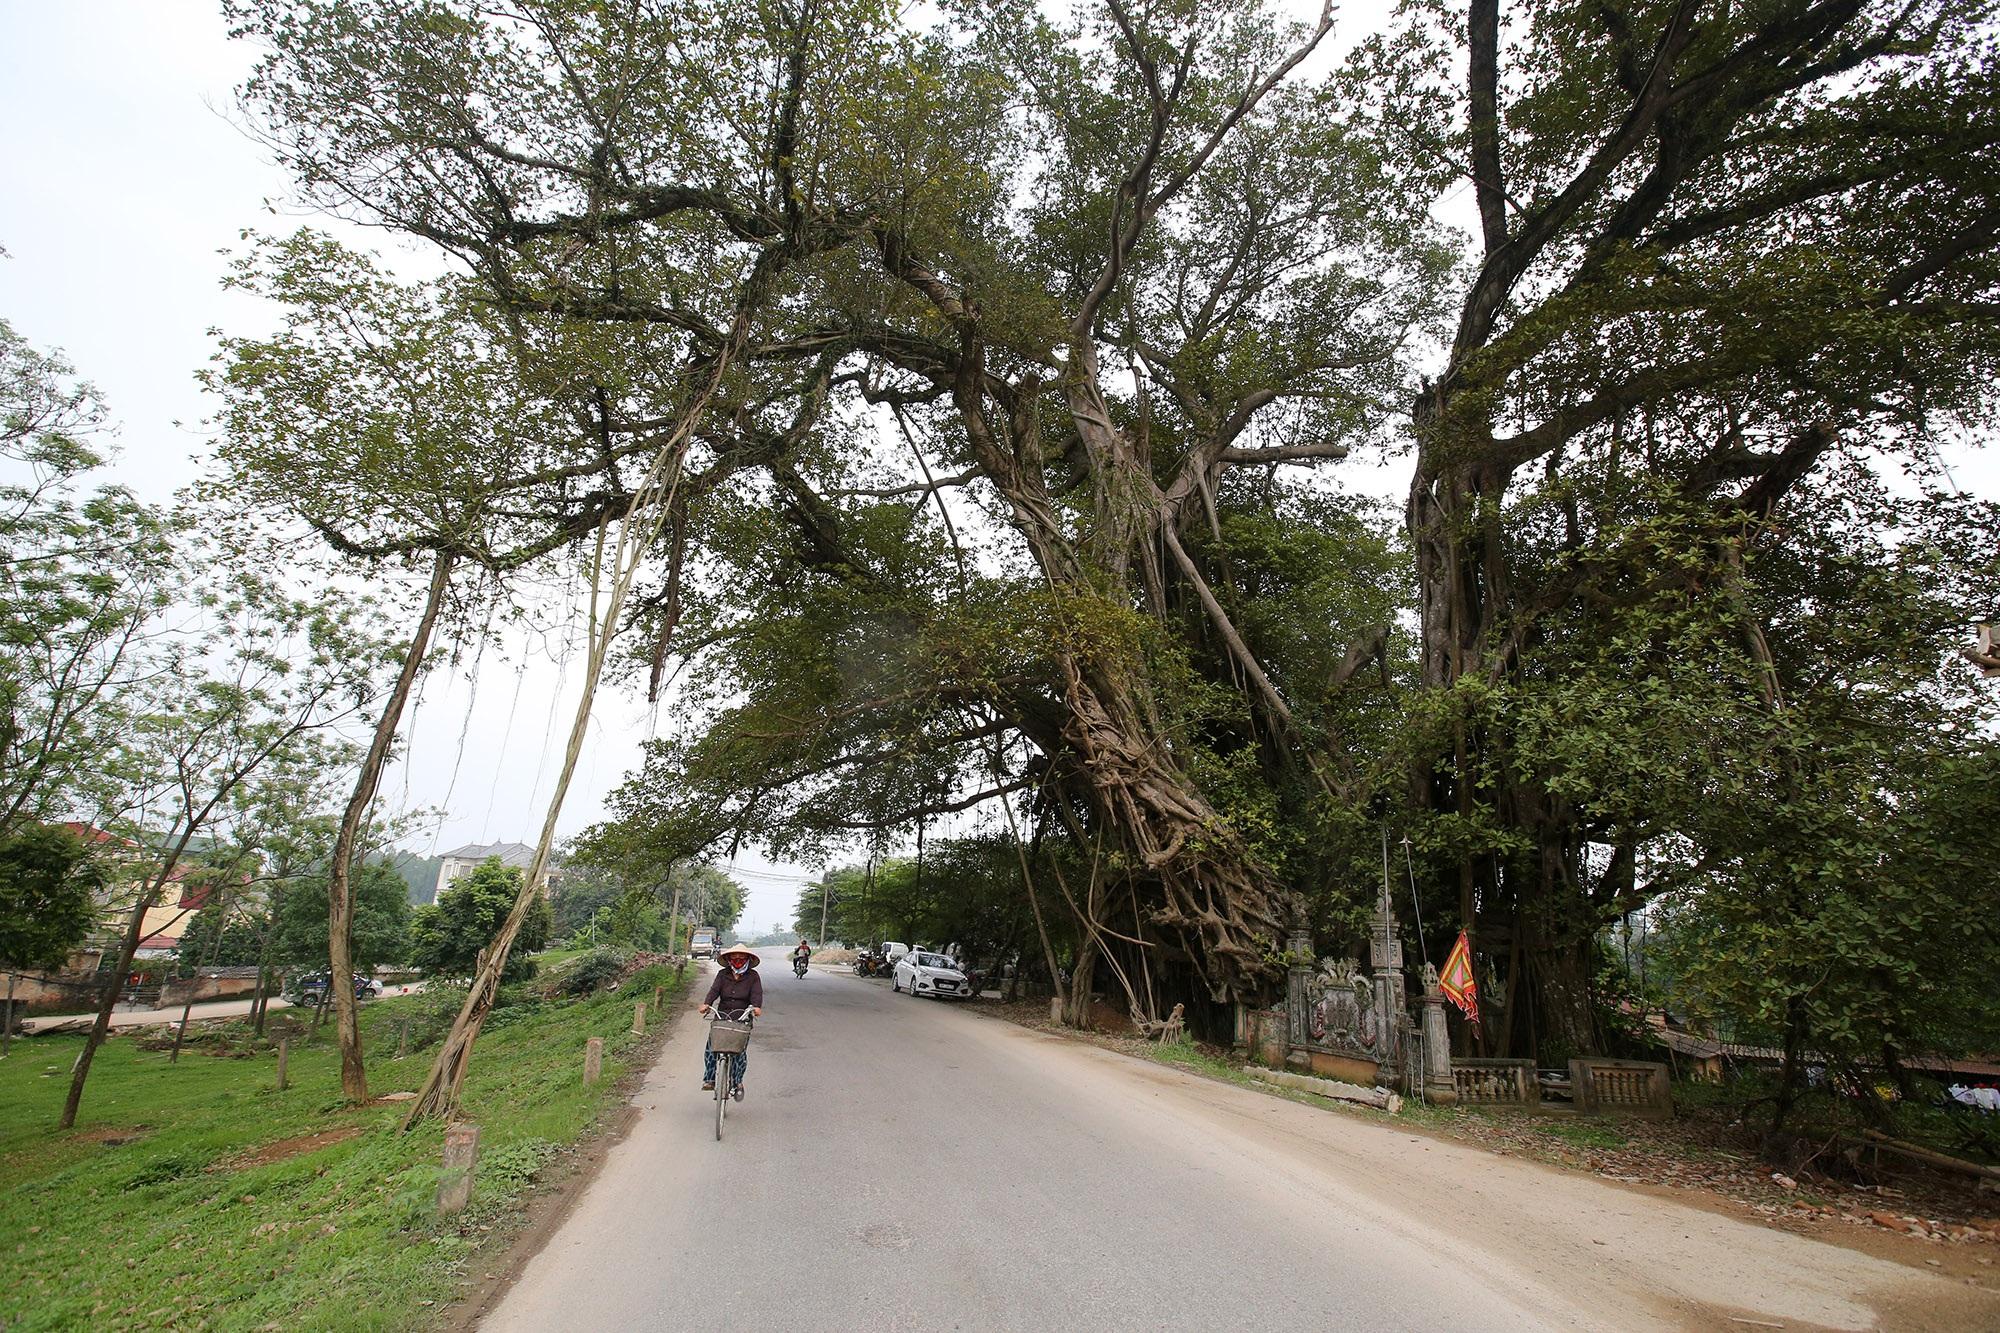 Chuyện ít người biết về cây đa khổng lồ ở xã Viên Nội - 12